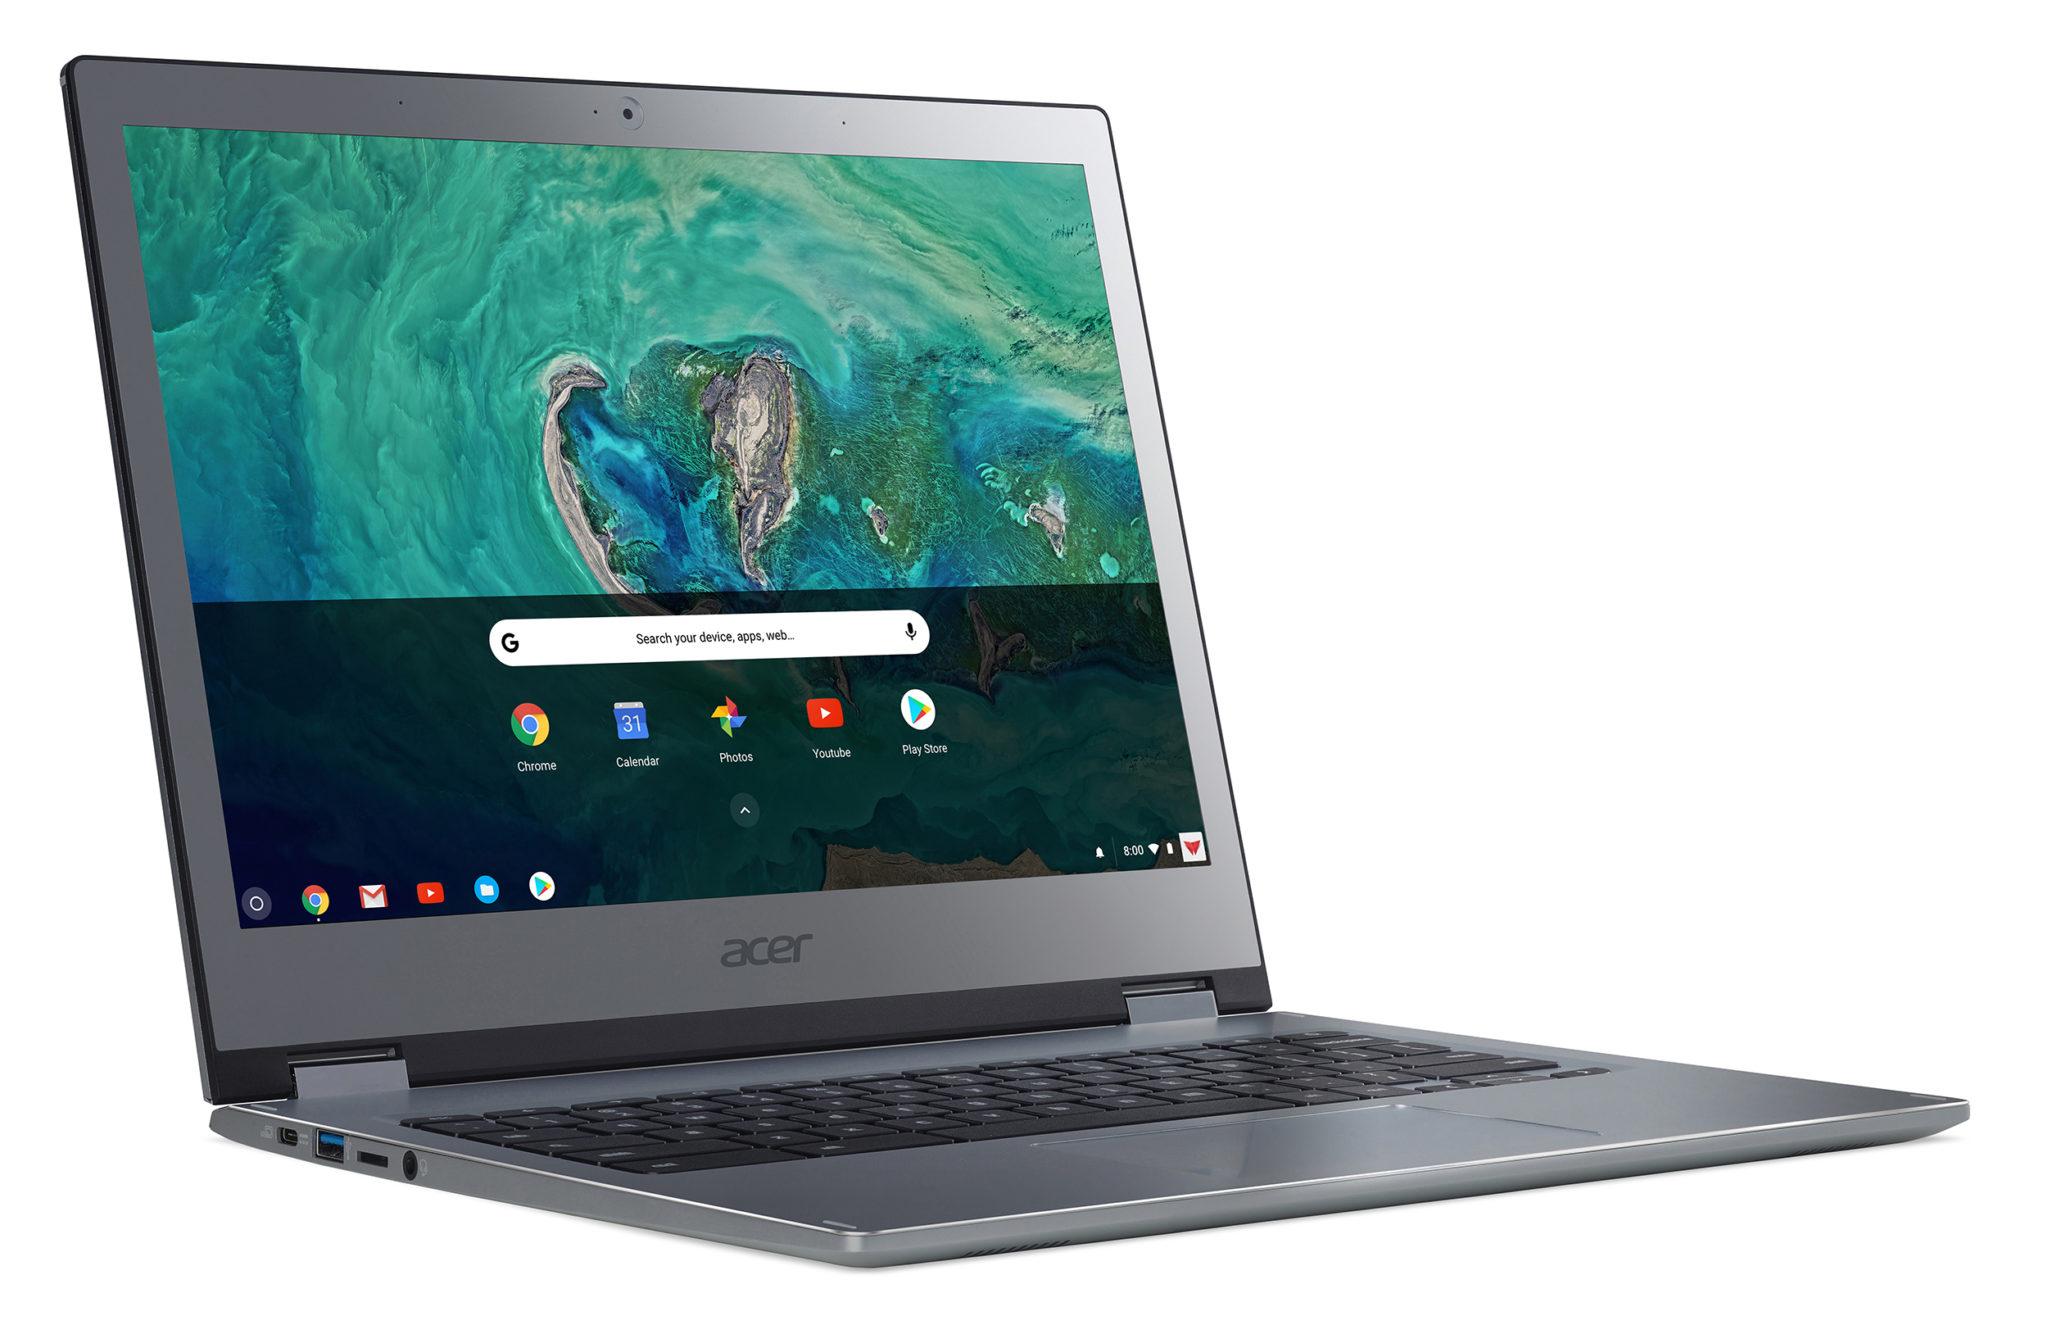 Az Acer bemutat két, 13 colos Chromebookot, melyek üzleti felhasználásra készültek